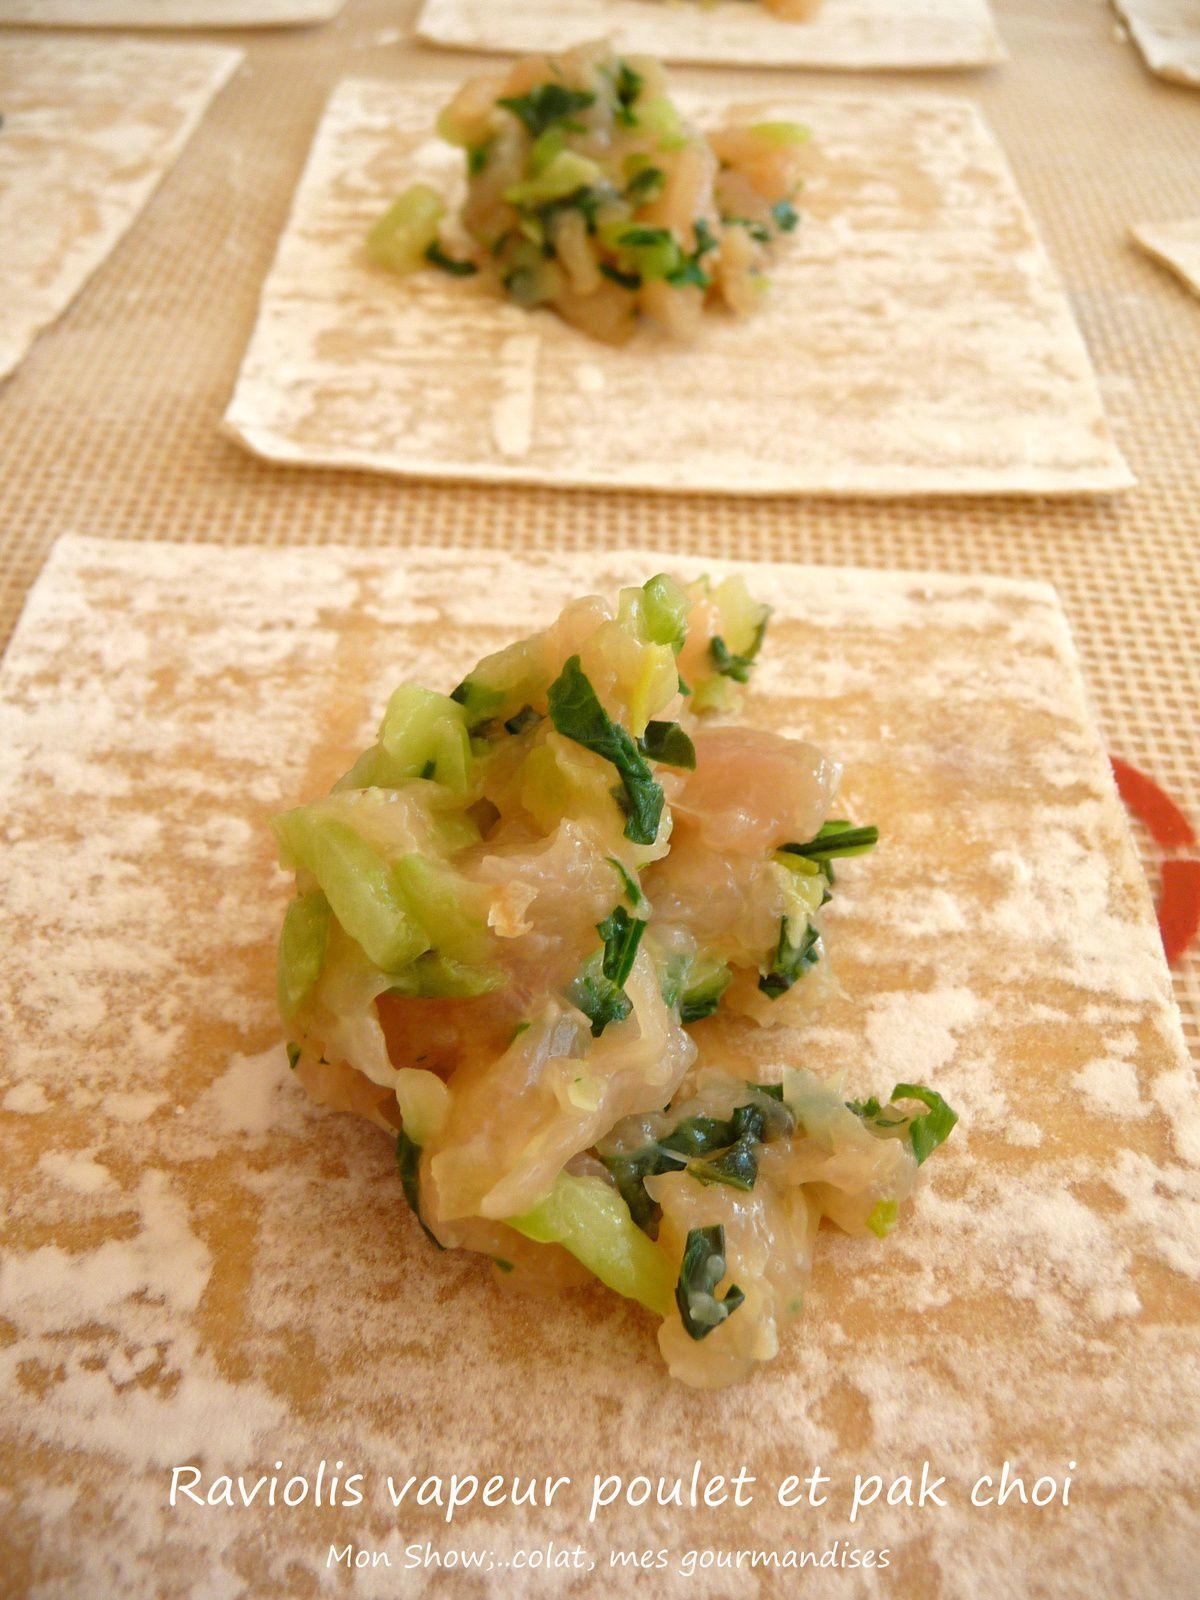 Raviolis vapeur au poulet, gingembre et pak choi.